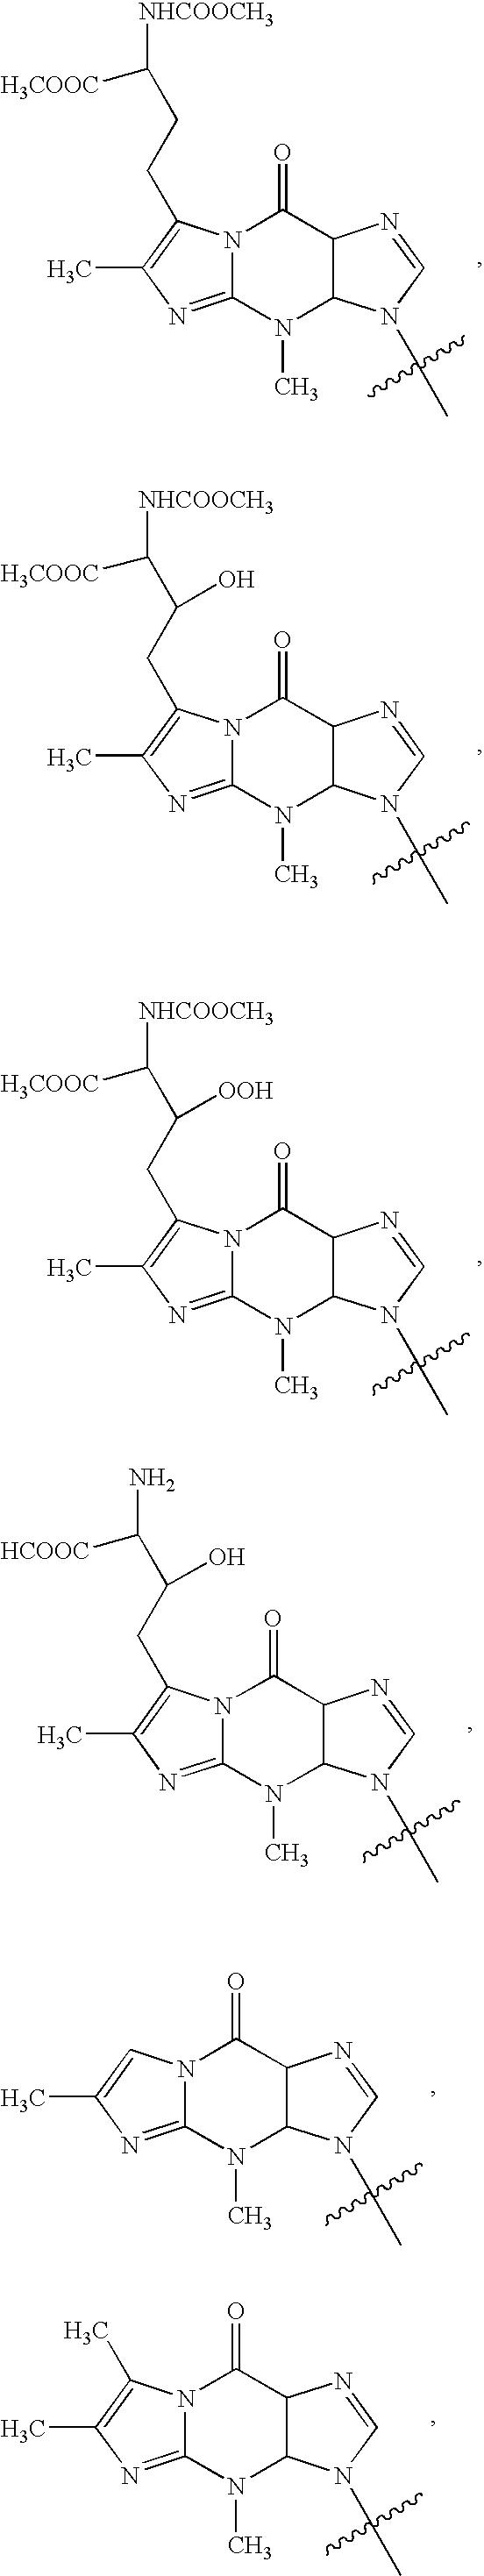 Figure US07723509-20100525-C00013